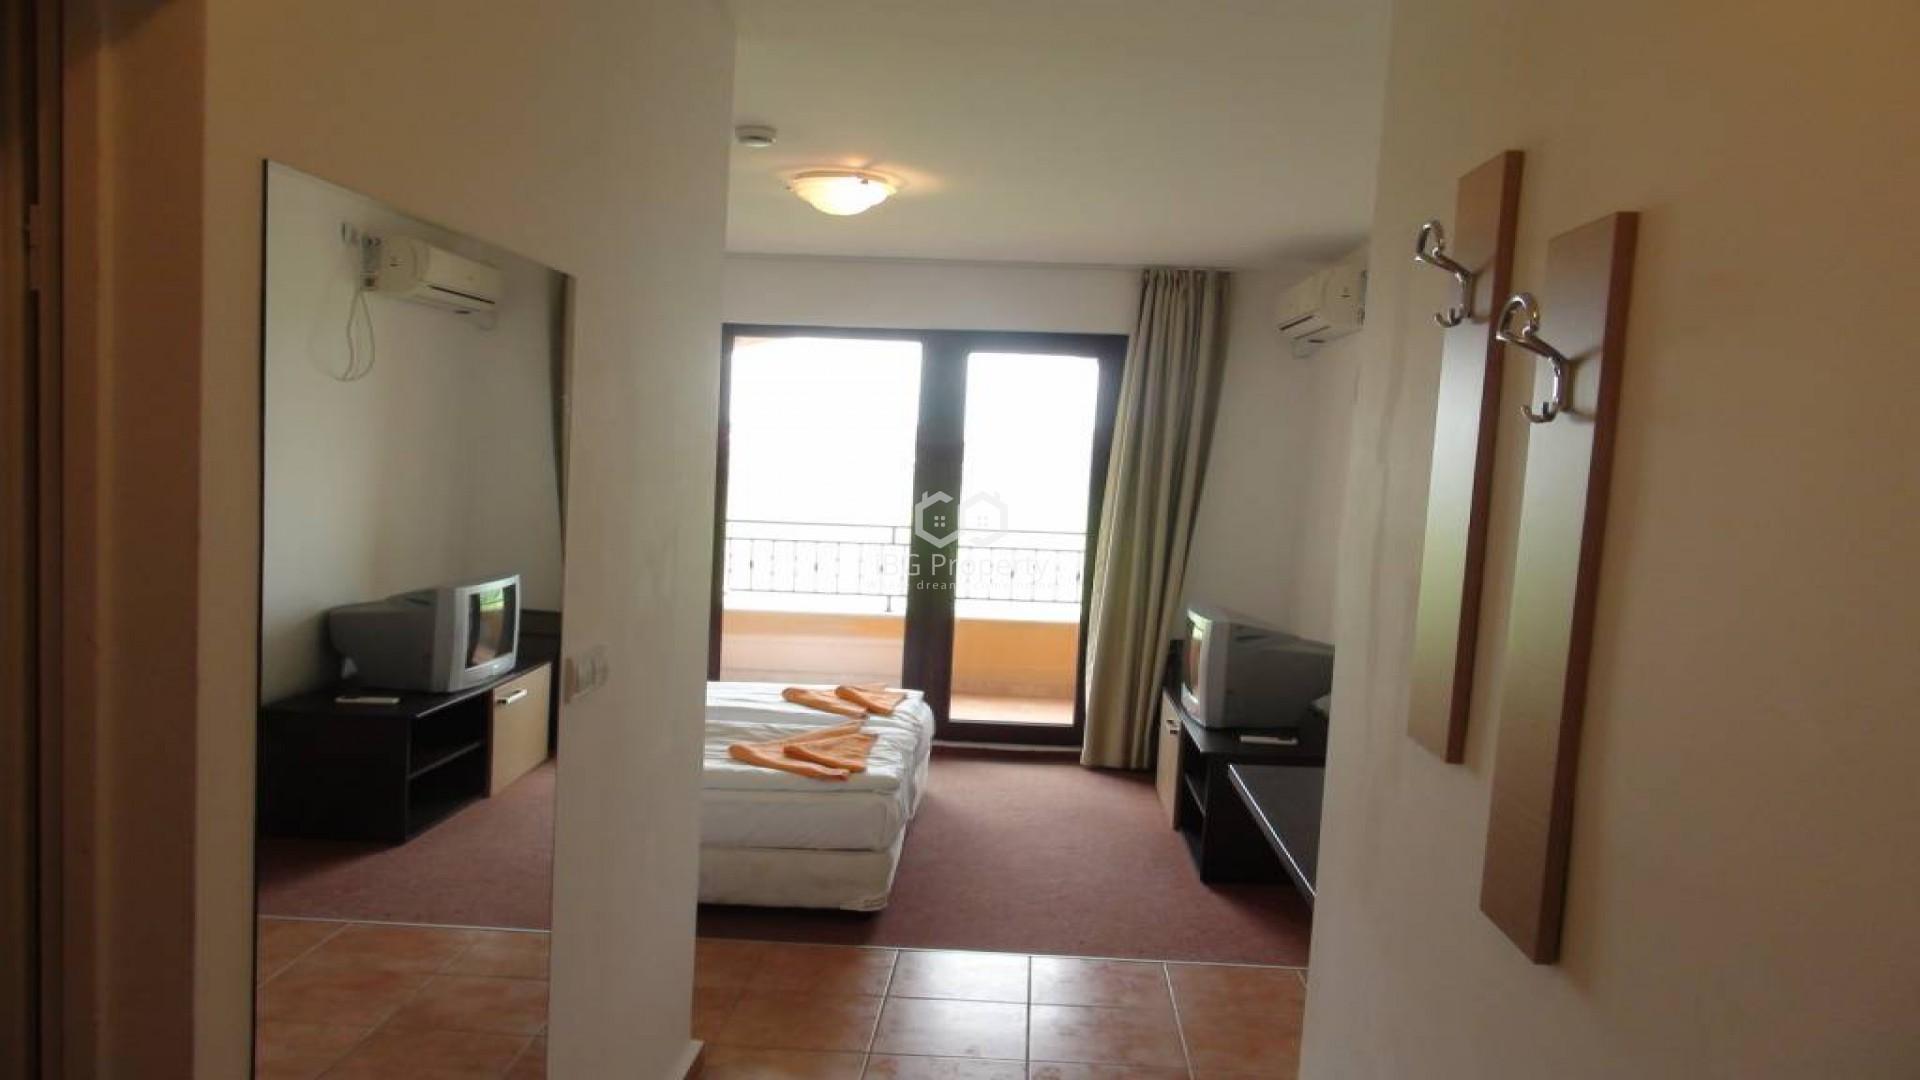 Einzimmerwohnung in Aheloi 35 m2